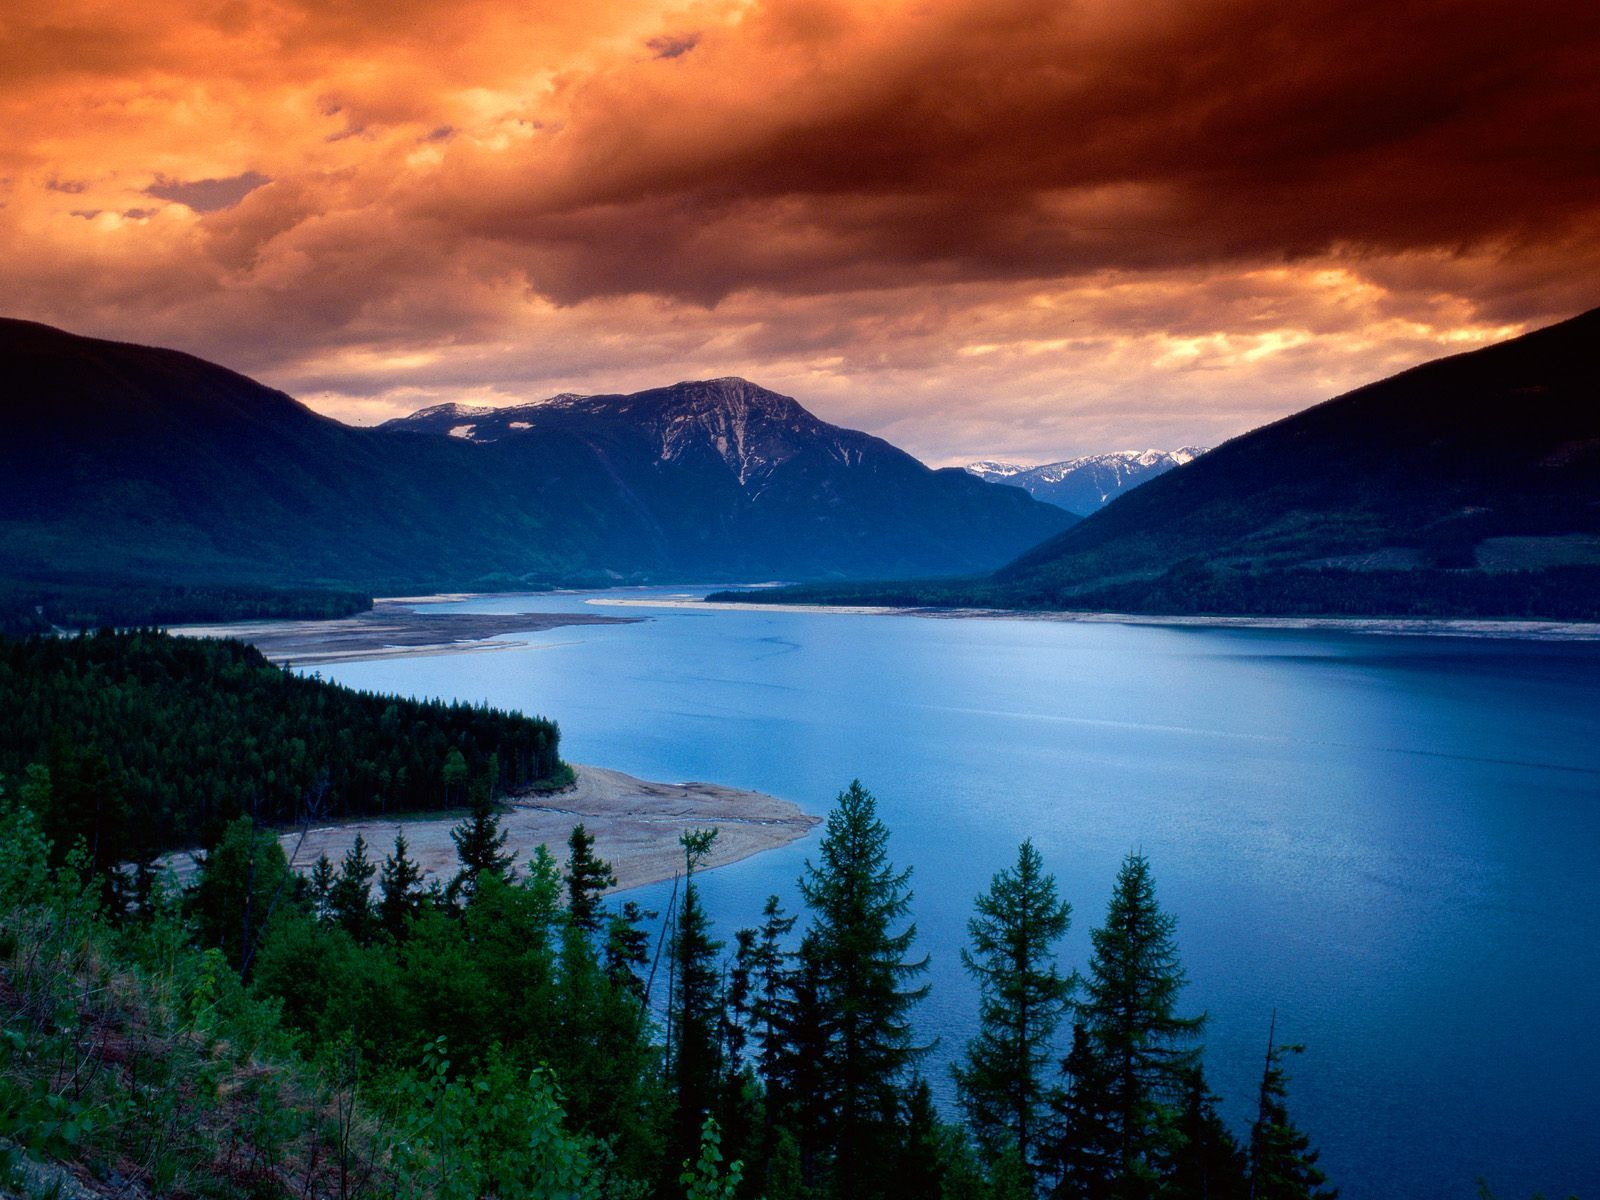 fond d'écran lac au Canada